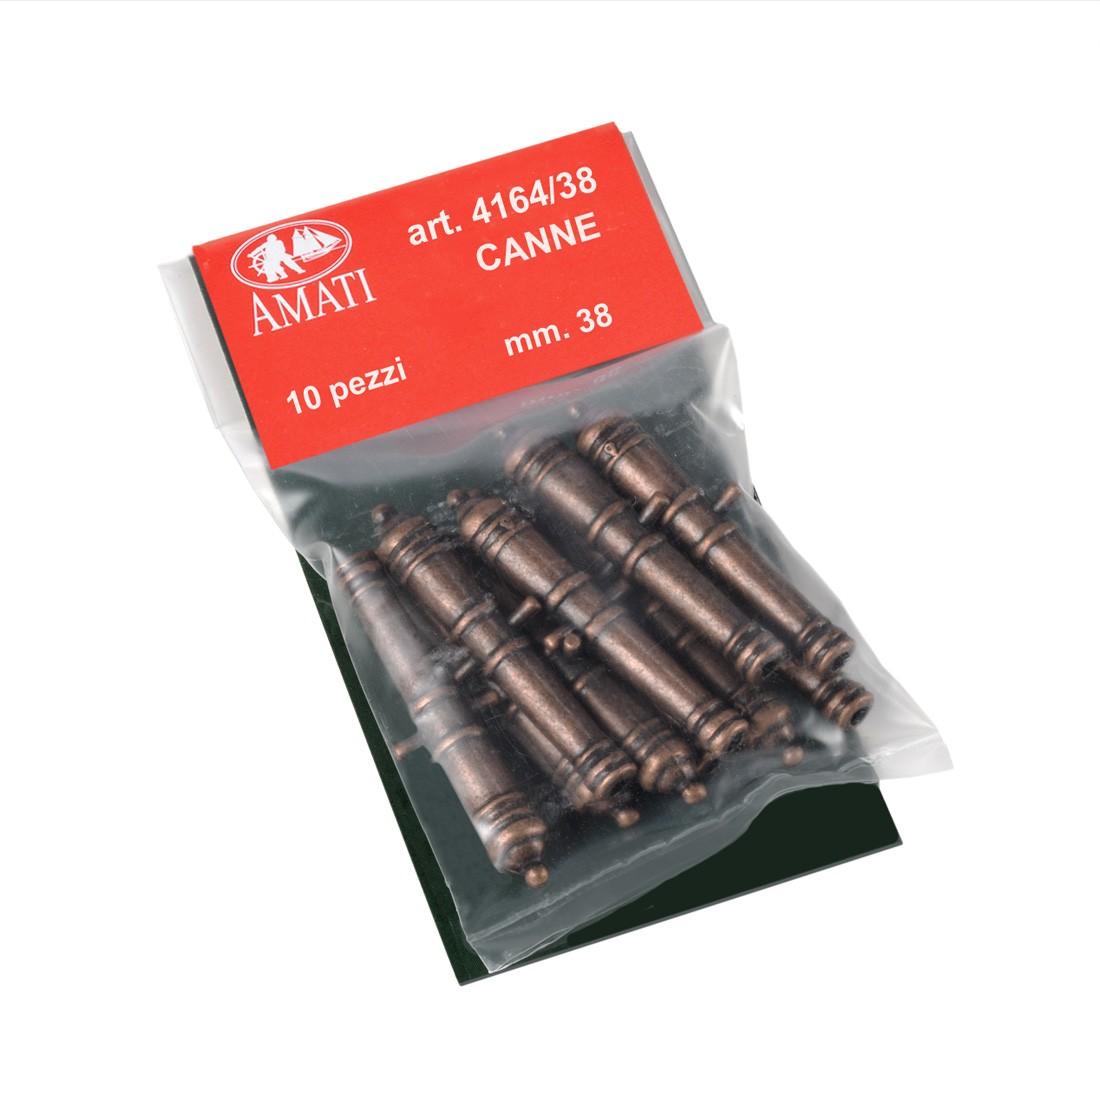 Cañones de cañon de metal mm.38.